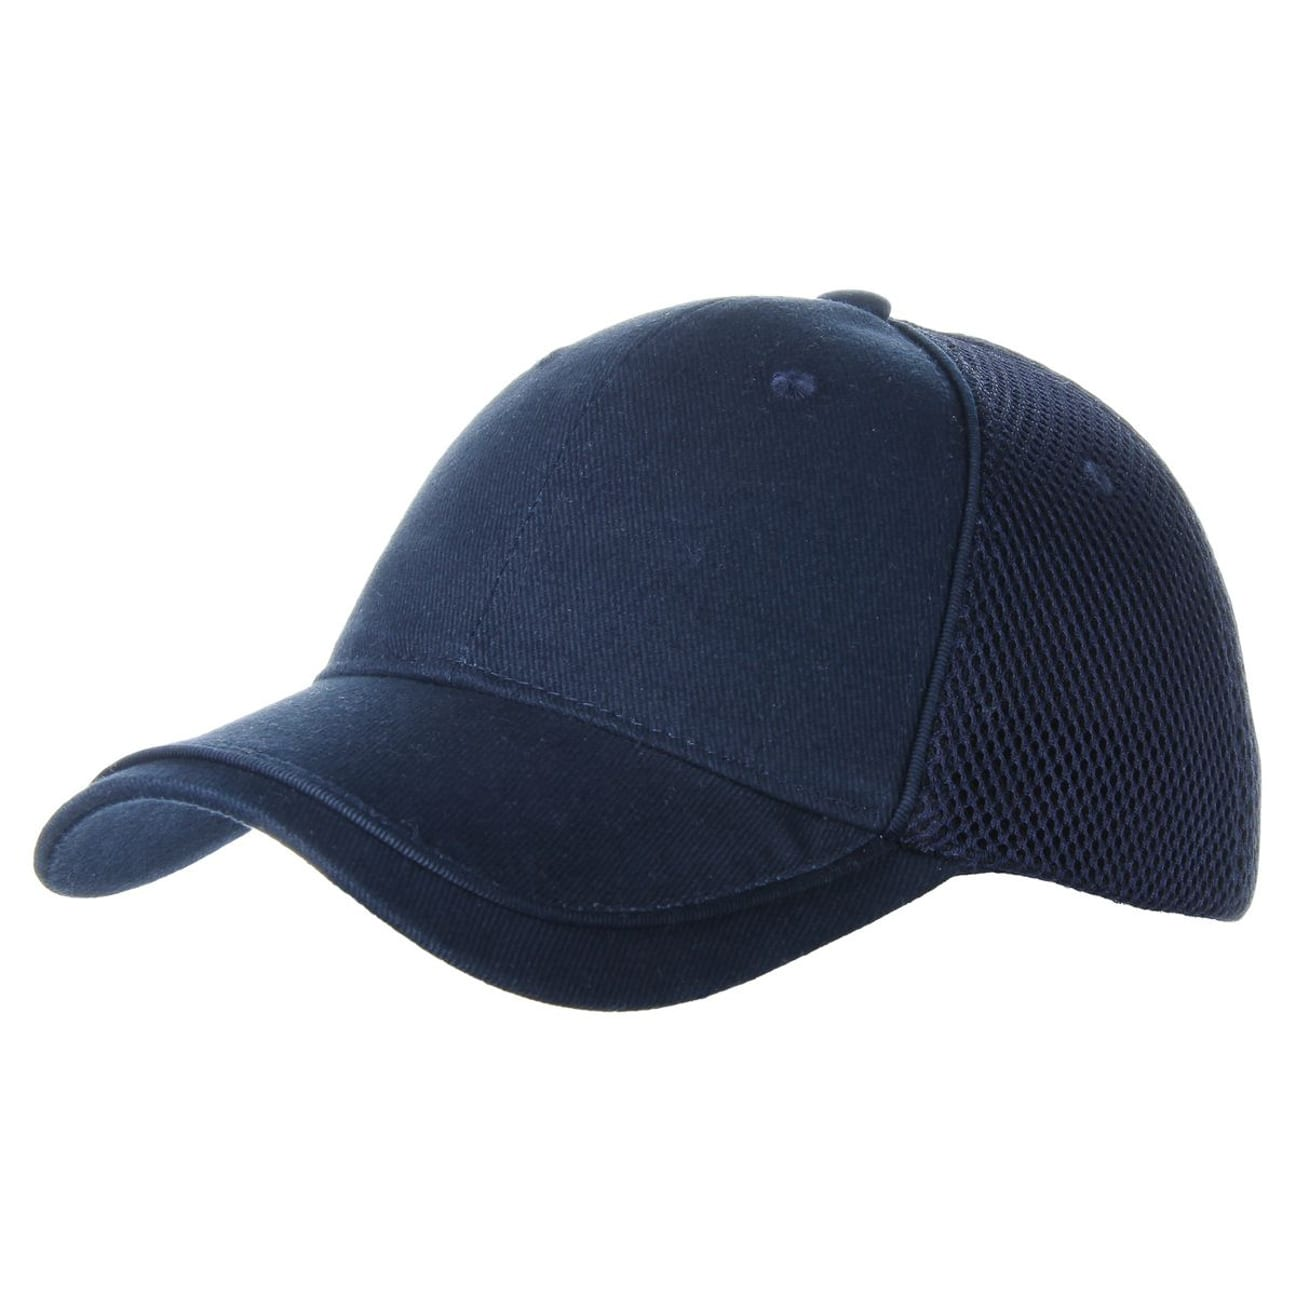 6b570d0930822 Gorra de Béisbol de Maya Golf - Gorras - sombreroshop.es